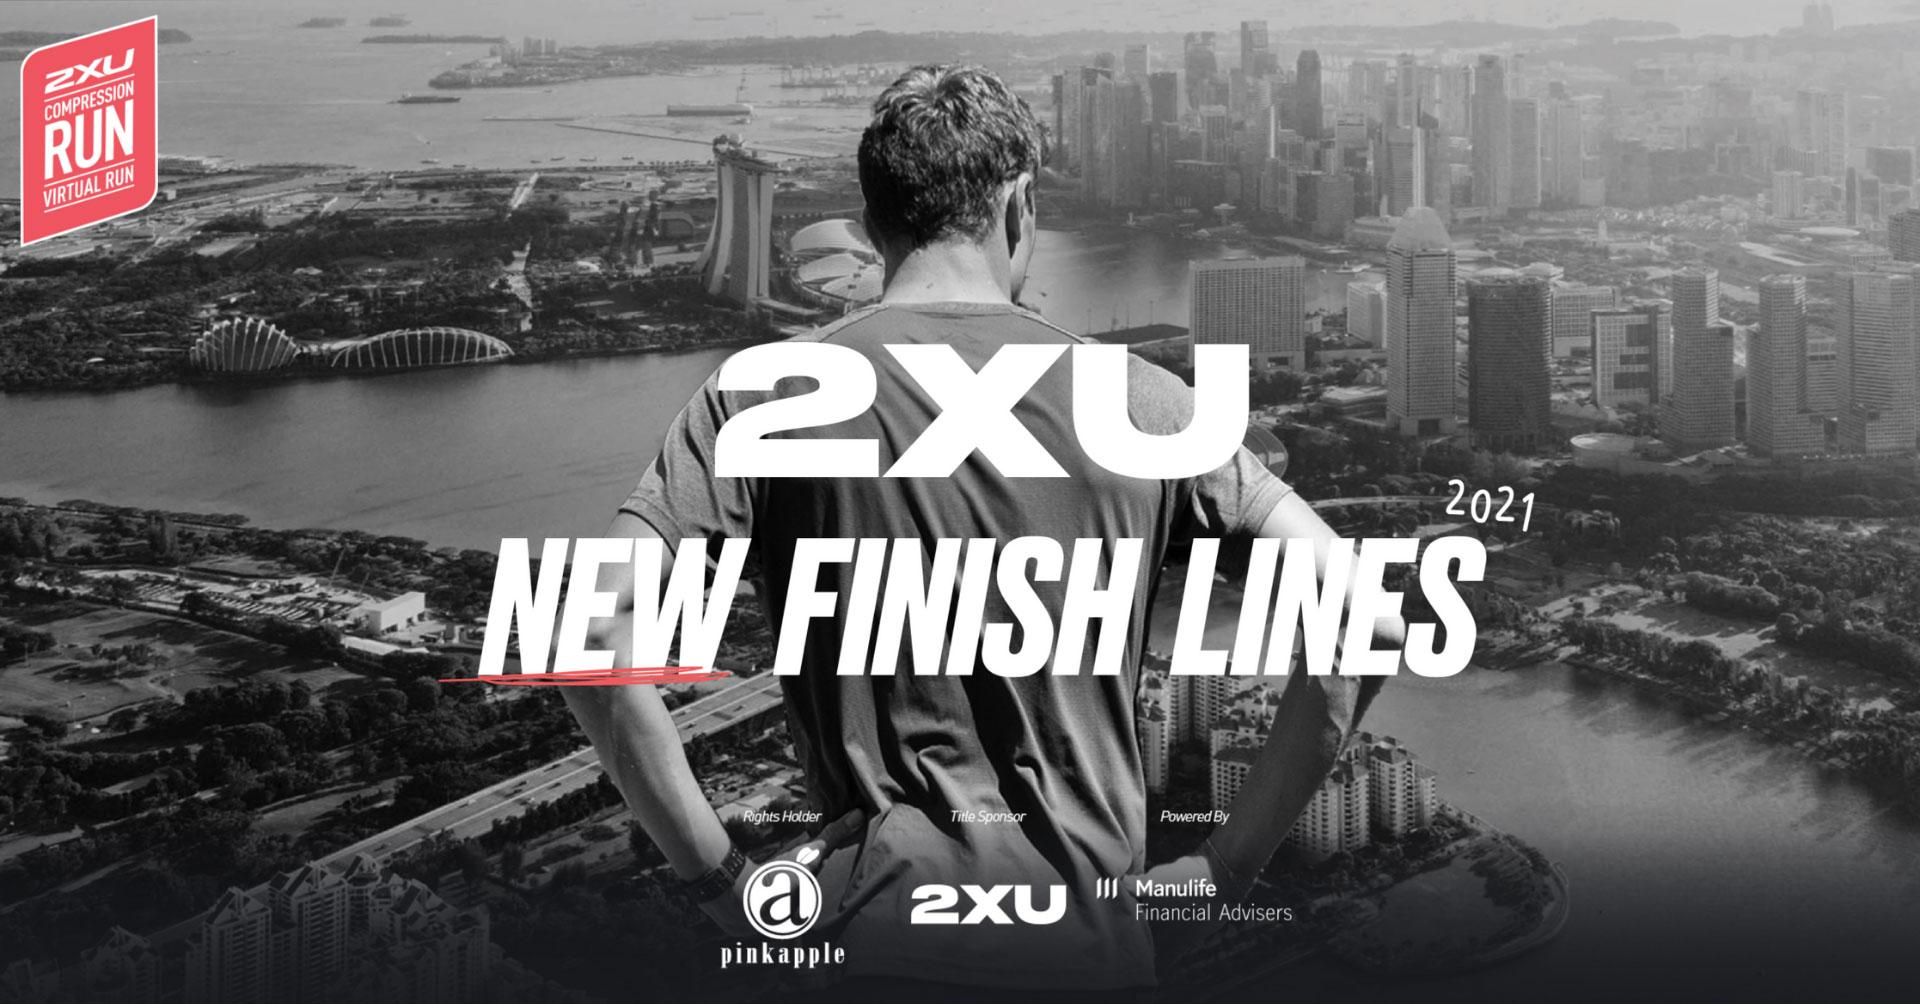 Logo of 2XU Compression Virtual Run 2021